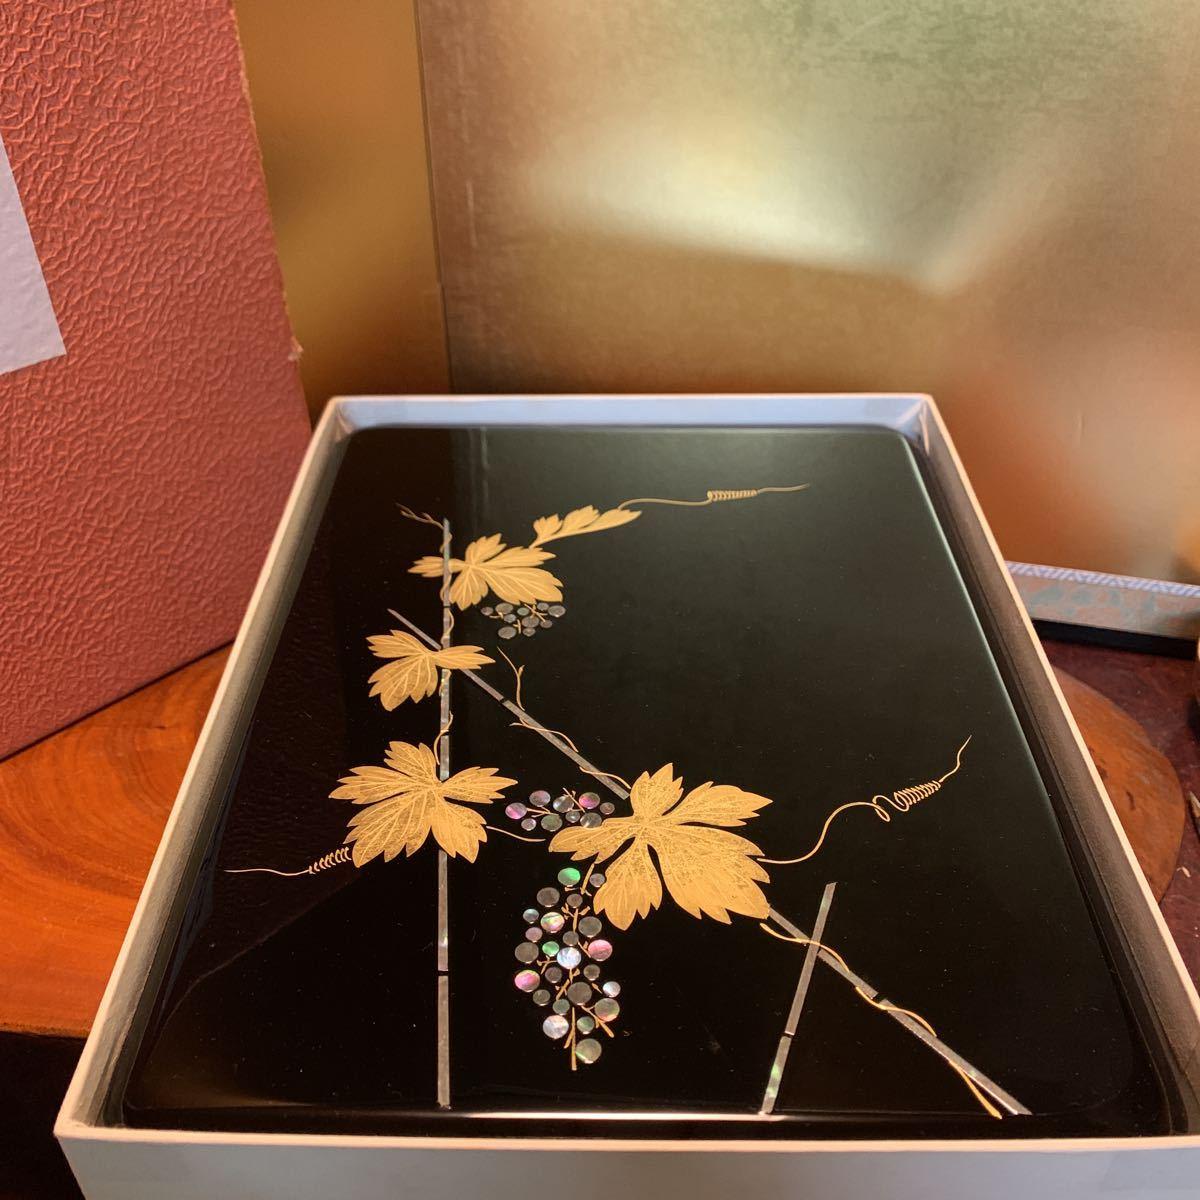 2005122 硯箱 すずり箱 平文箱 青貝 漆器 螺鈿